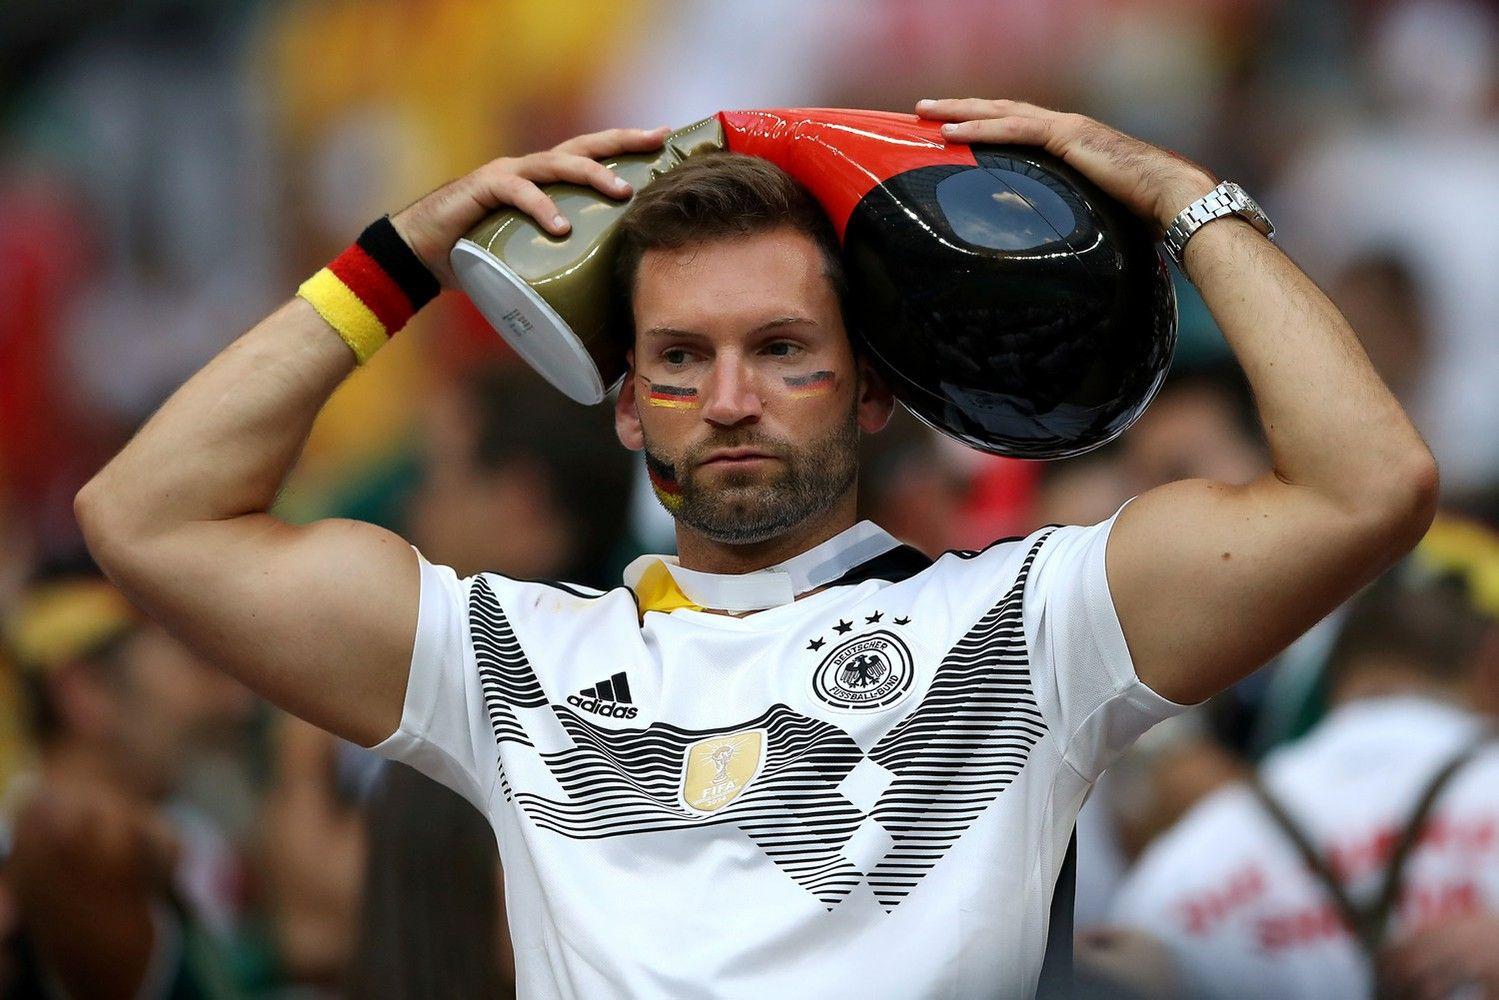 Sekmadienio staigmena: pasaulio čempionė pralaimėjo Meksikai